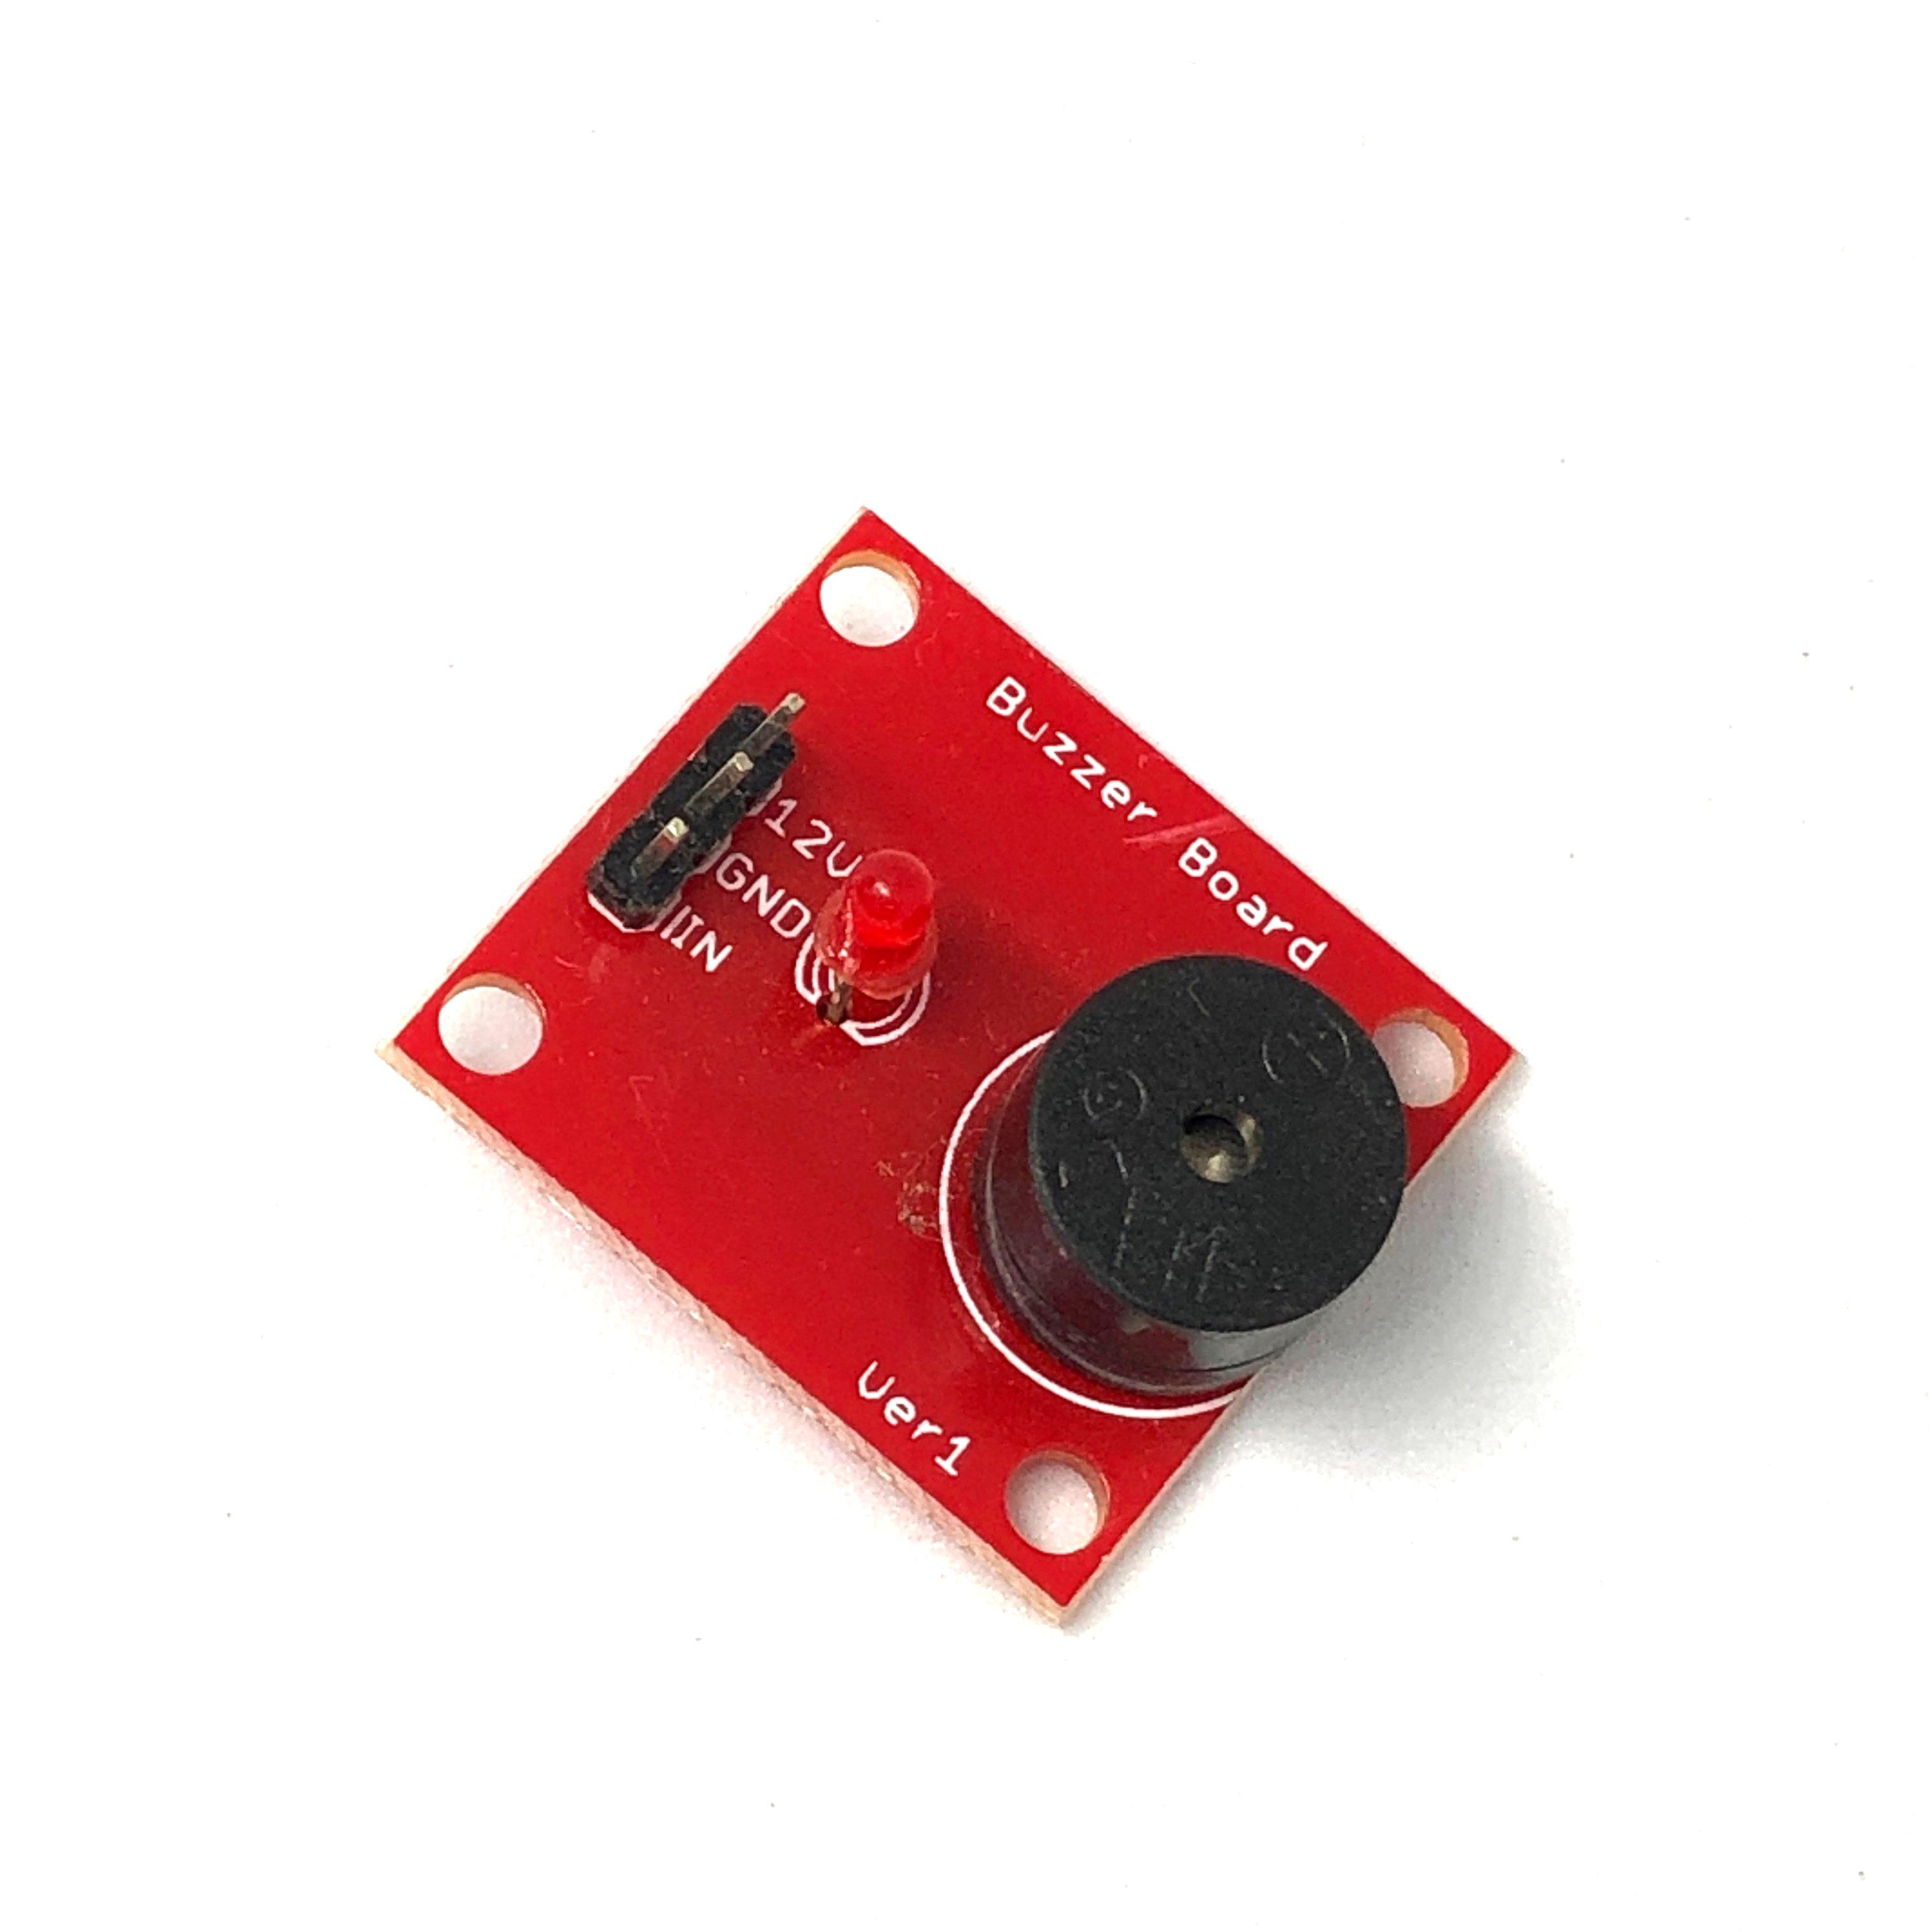 Active Buzzer Module 12V - Sensor - Arduino